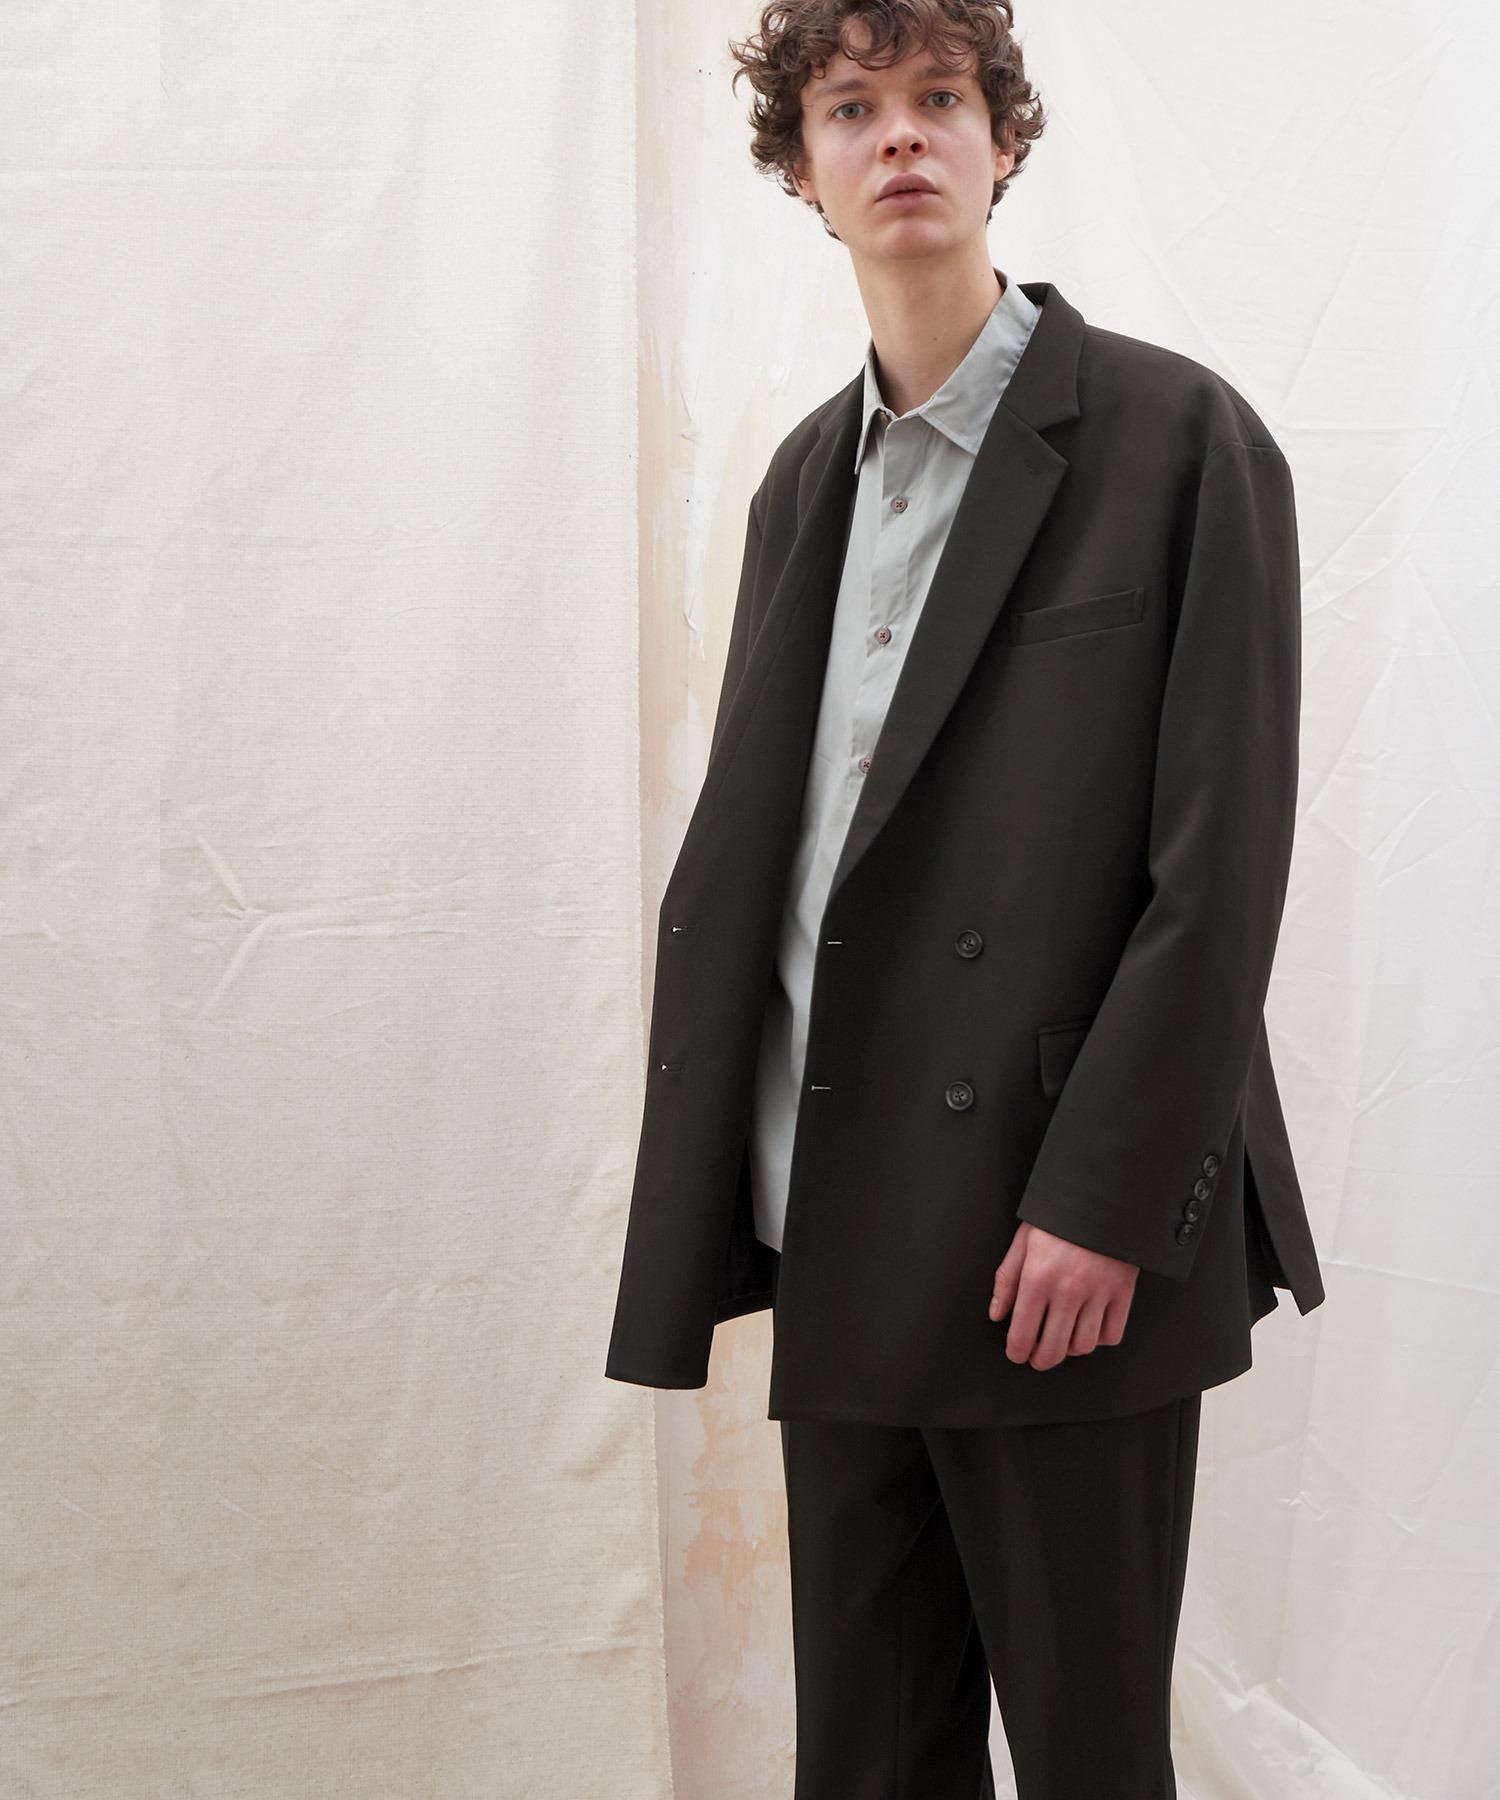 【セットアップ】梨地ルーズリラックス ドレープ ダブルテーラードジャケット/ワンタックフレアスラックスパンツ EMMA CLOTHES 2020AW